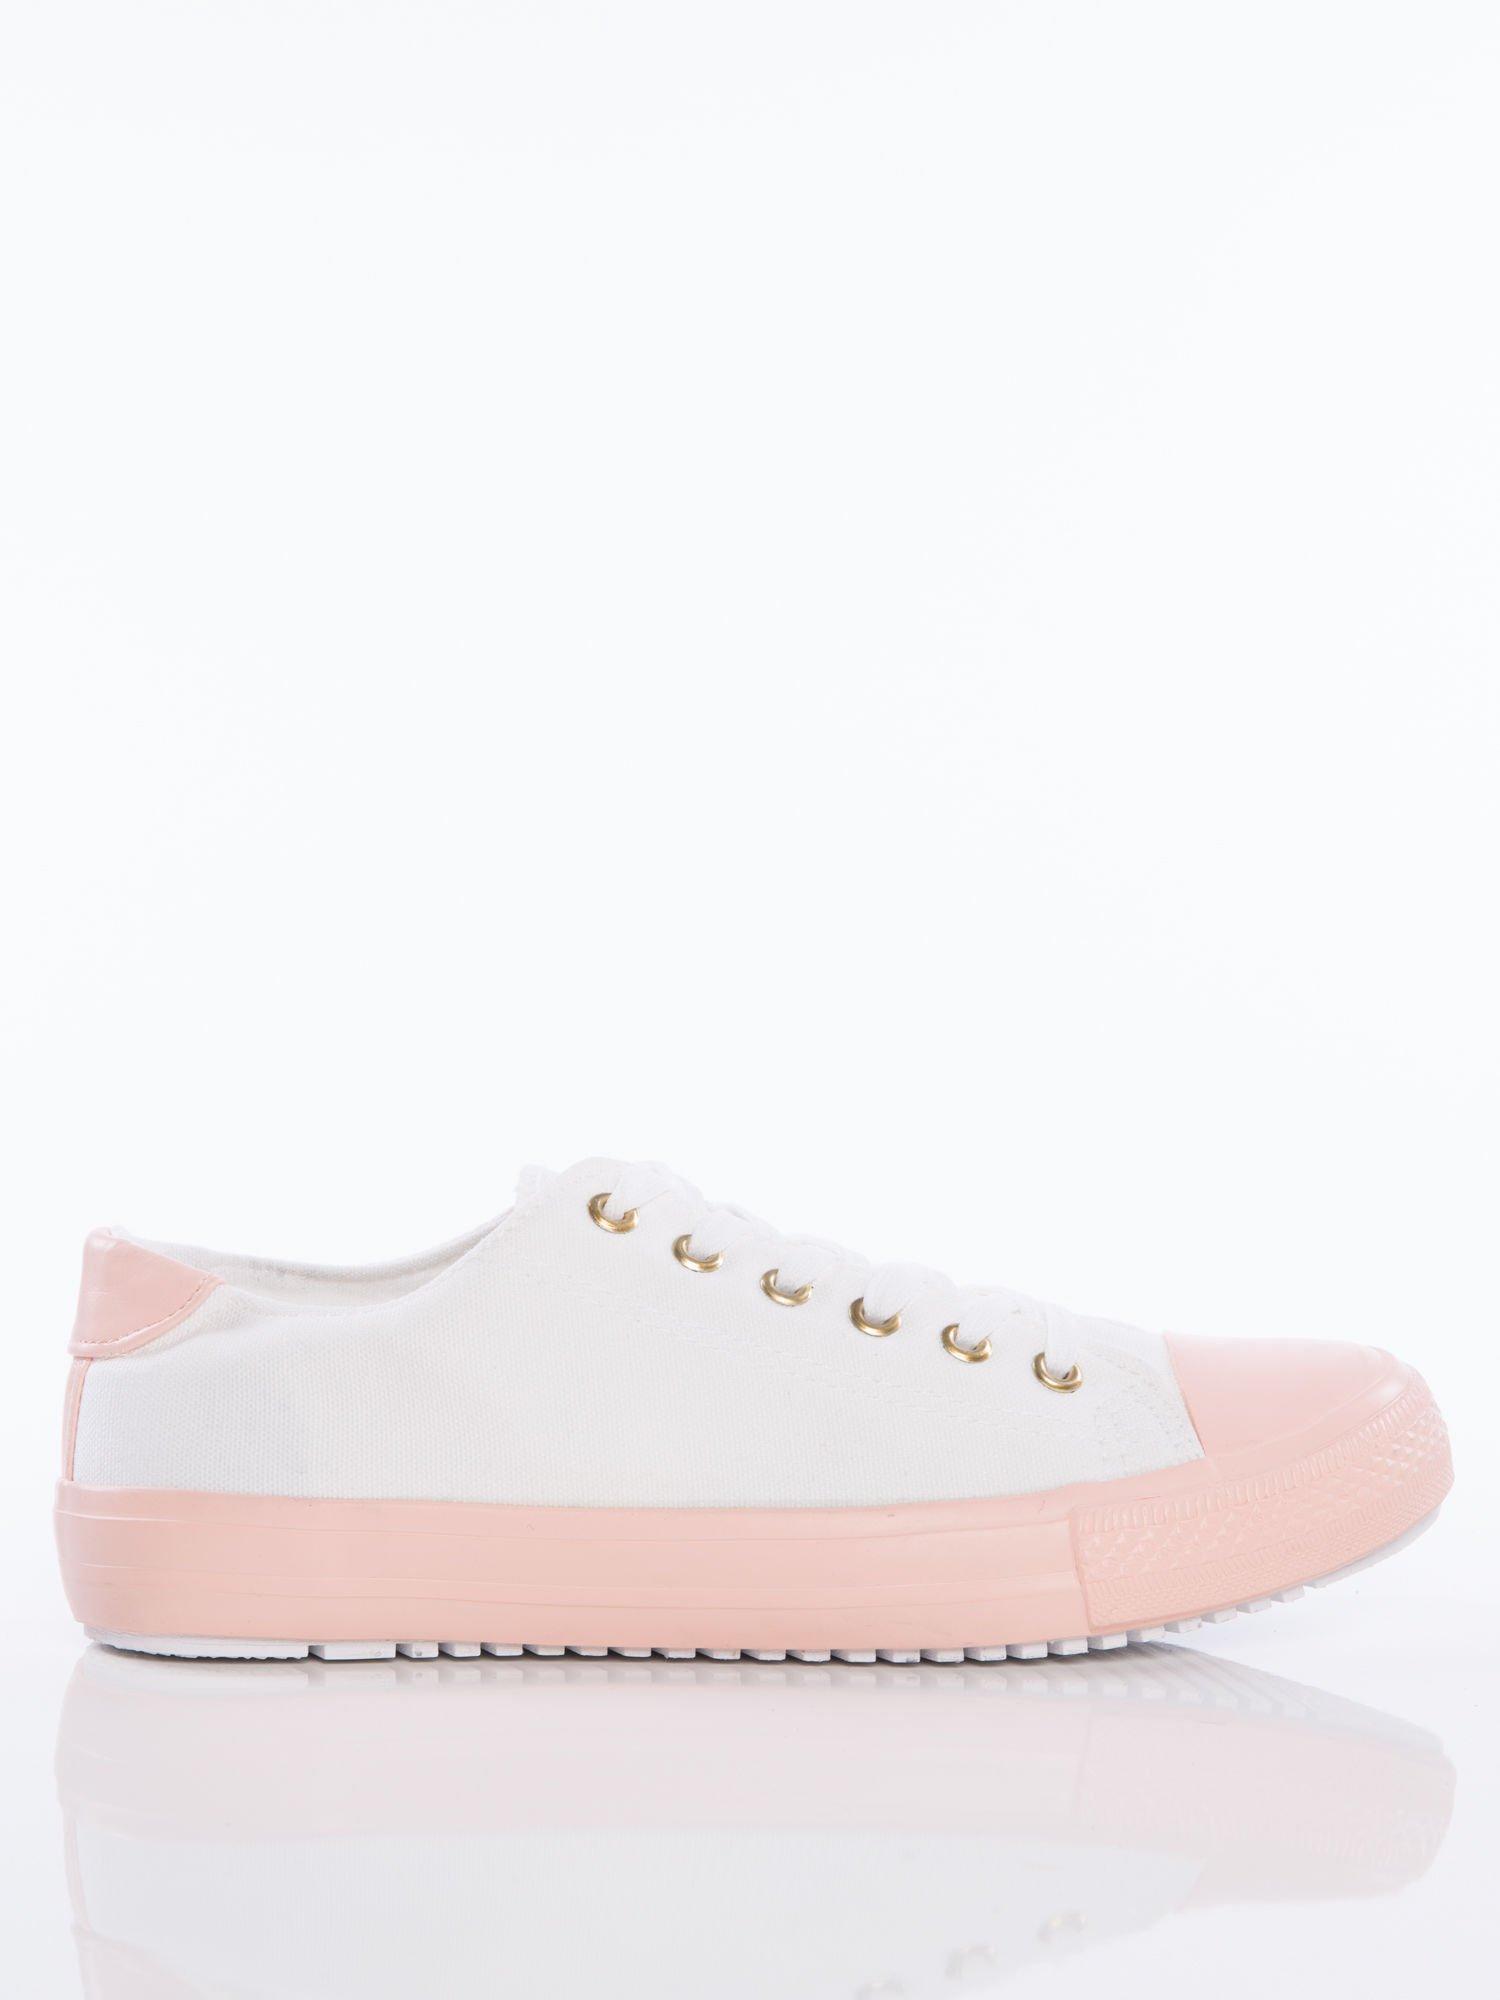 20ee13a16719d 1; Białe materiałowe trampki z pastelowo-różową podeszwą i gumową wstawką  na przodzie ...